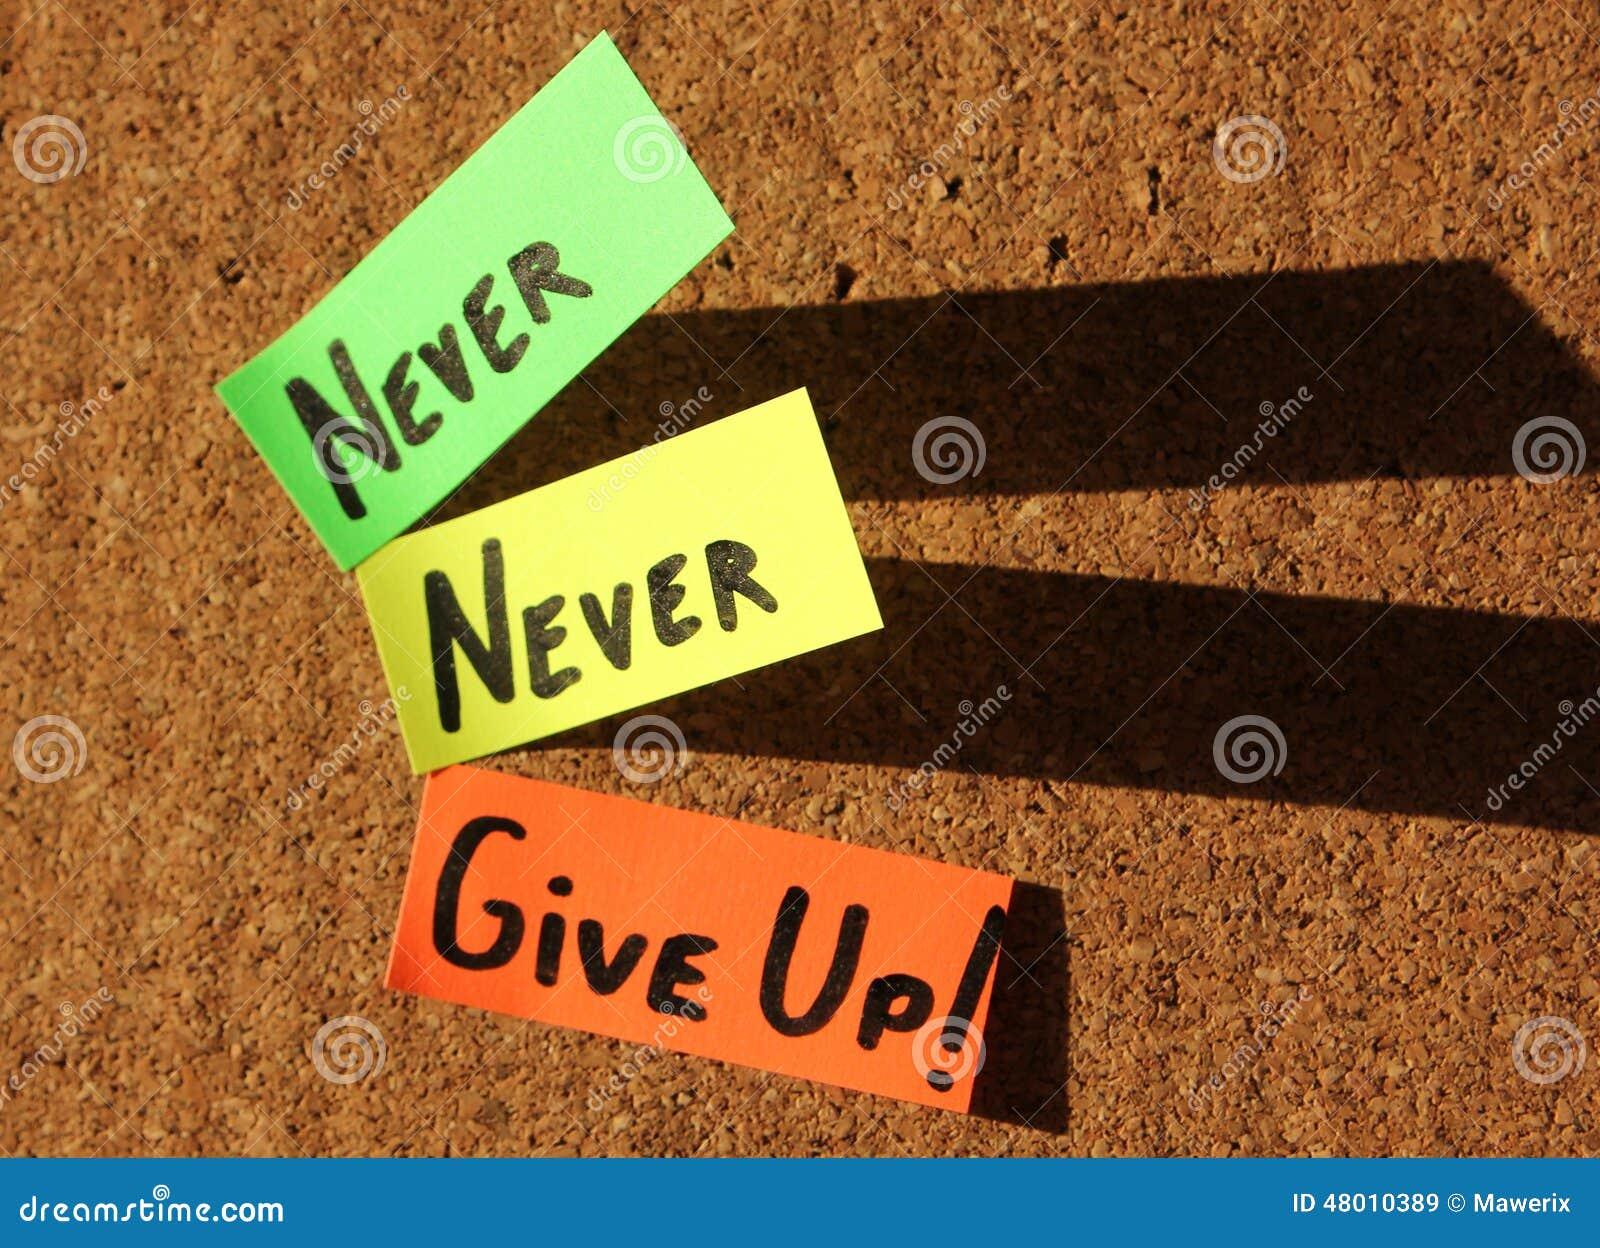 ¡Nunca dé para arriba!